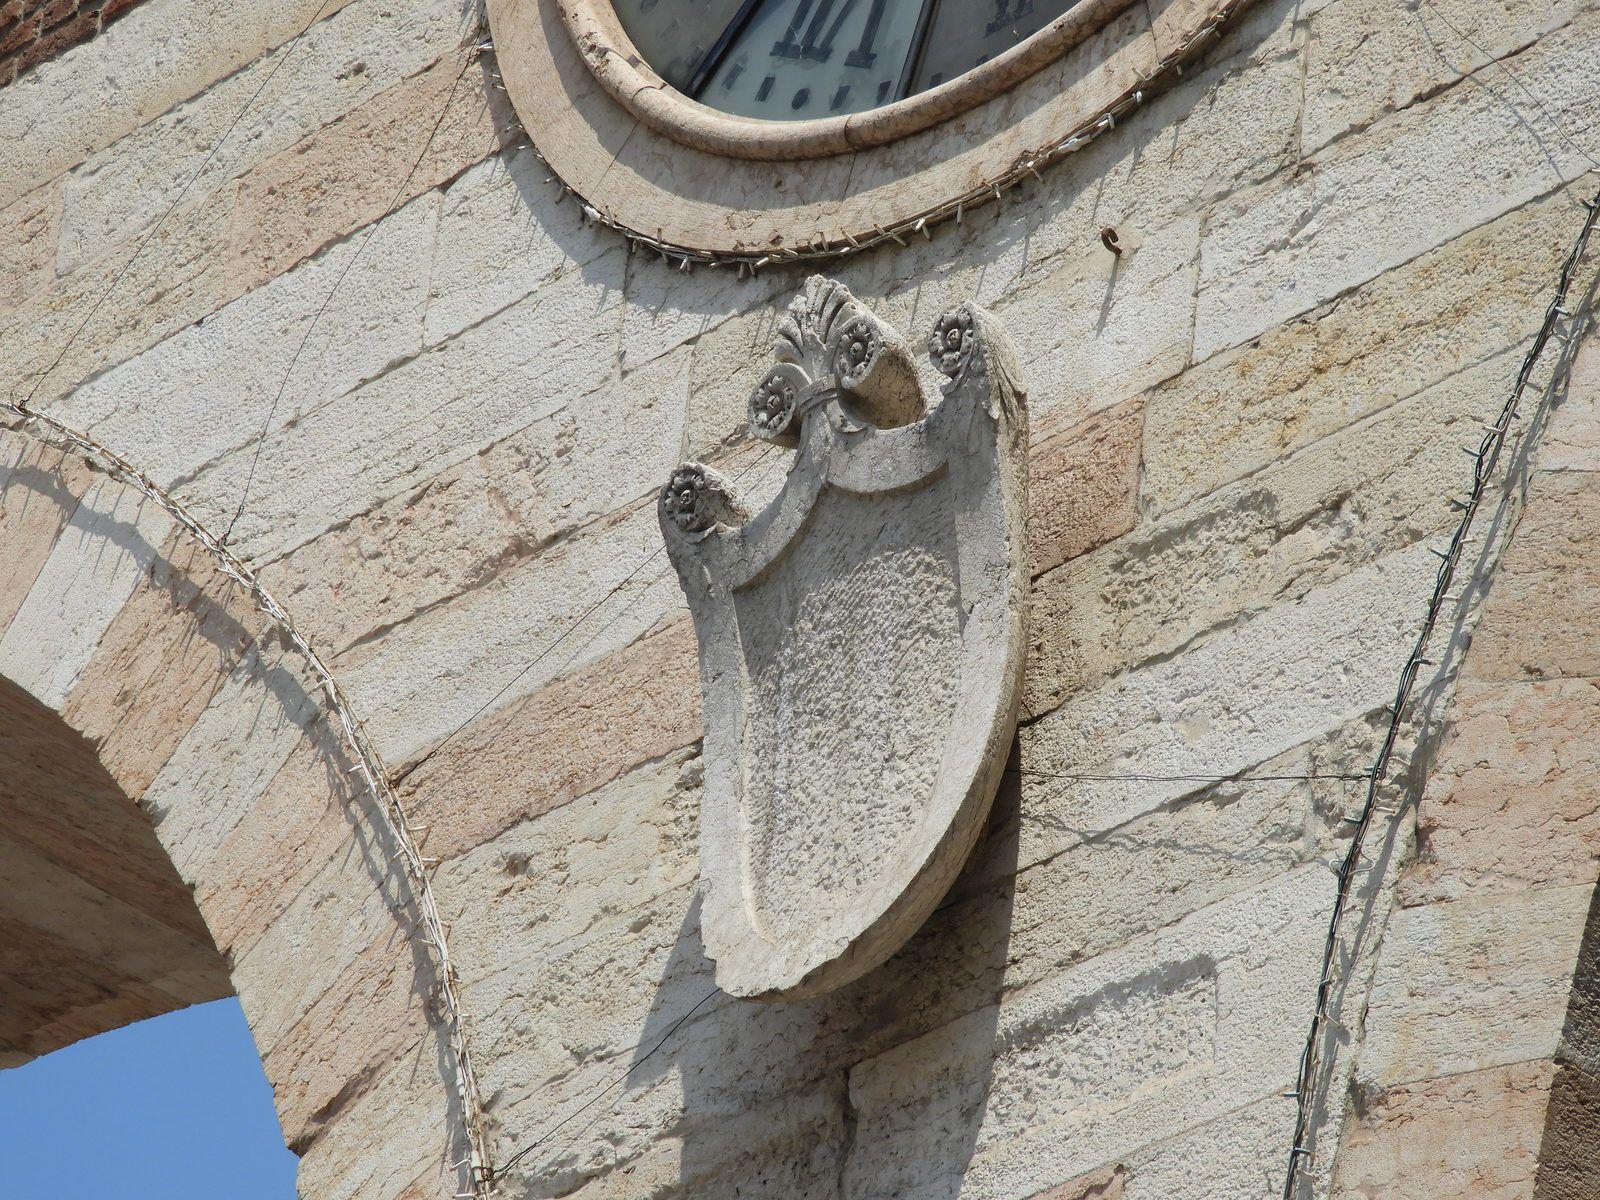 Goldwing Unsersbande - Périple Dolomites et Cinque terre 7th day Verona et Levanto